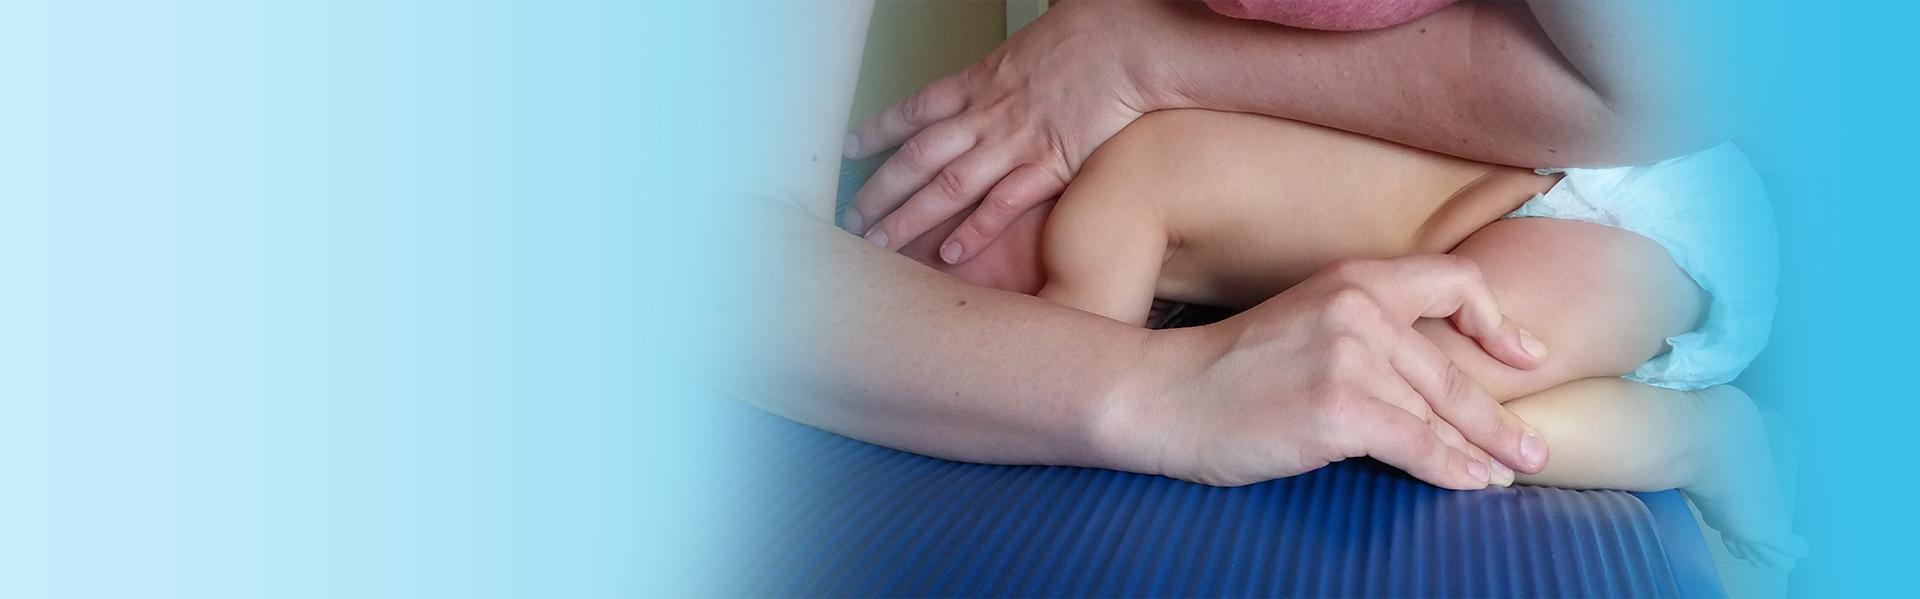 rehabilitacja niemowląt siedlce